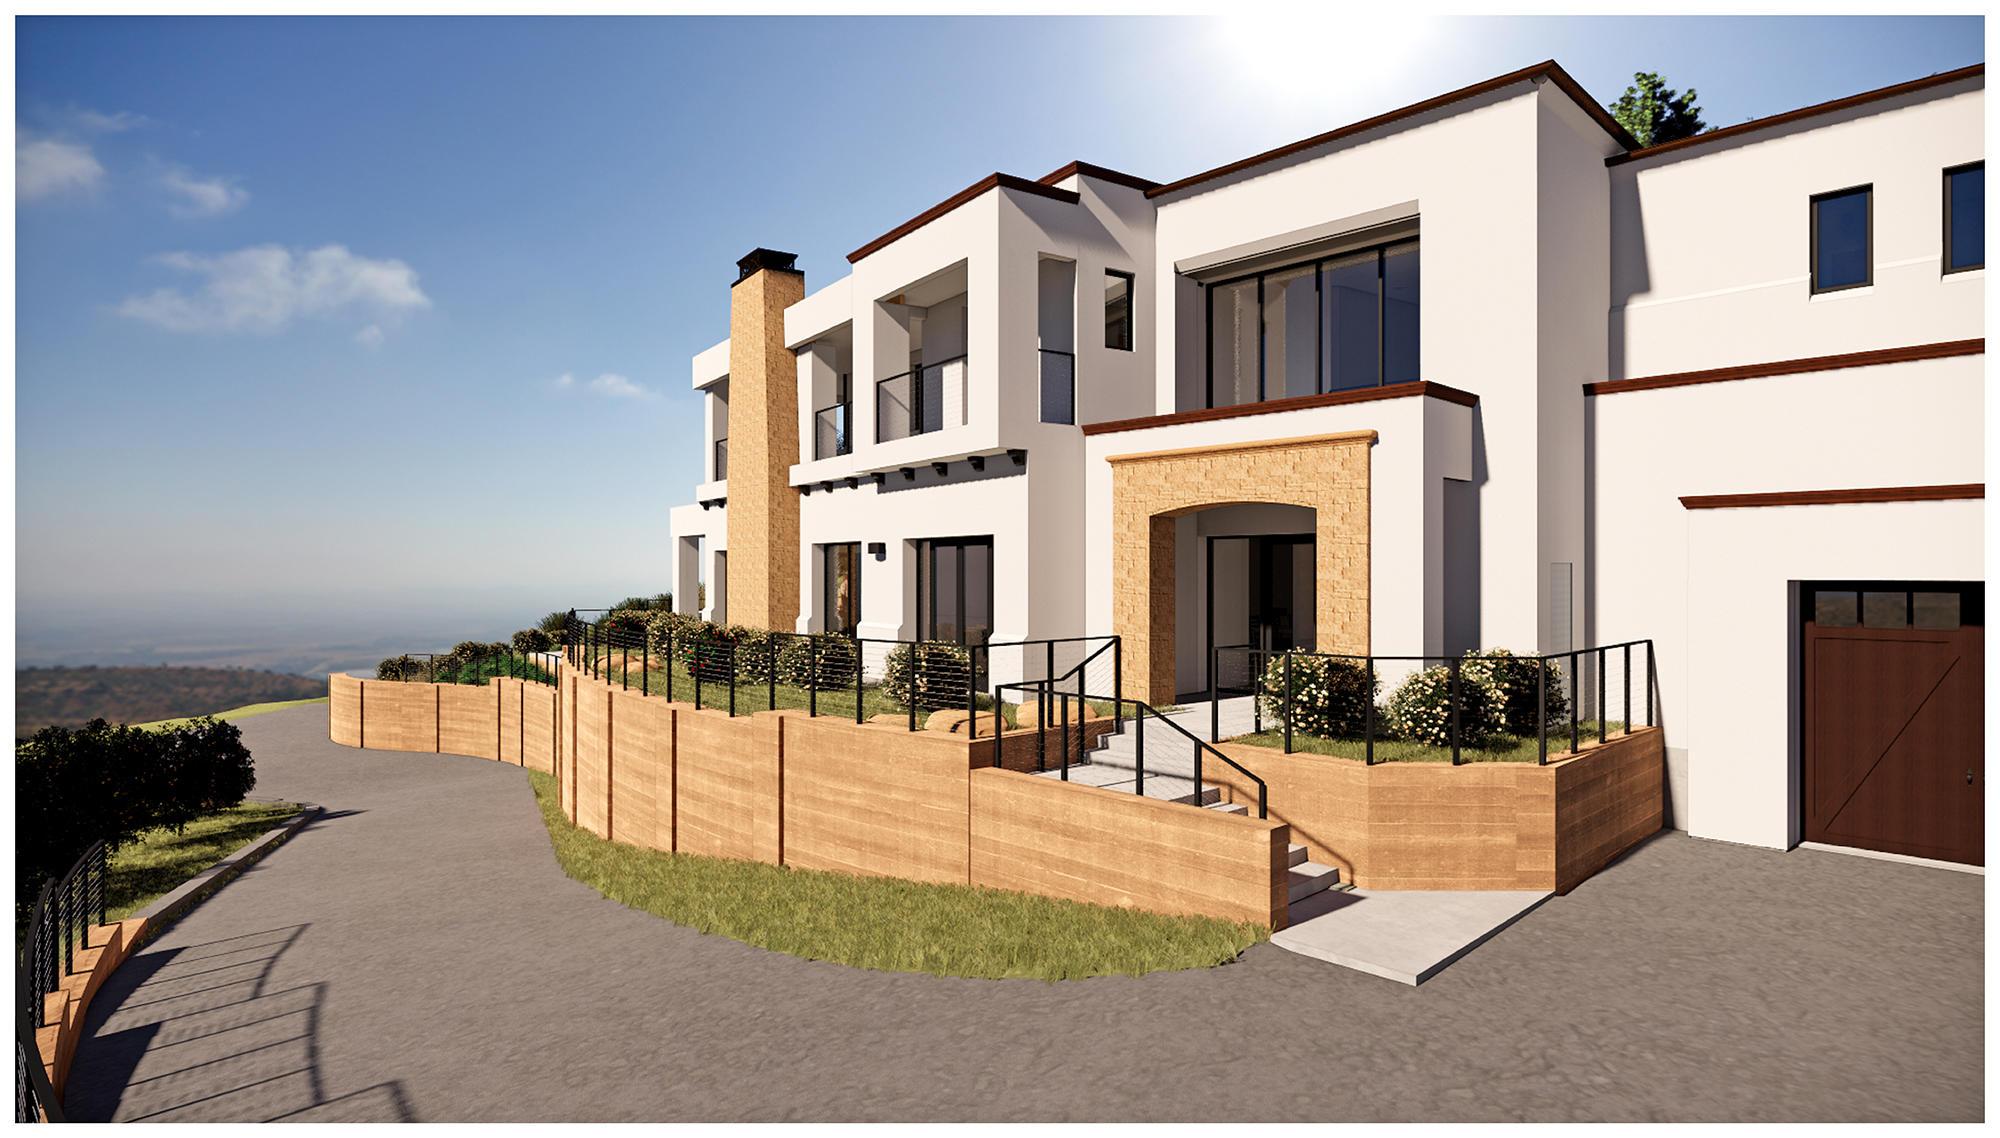 Photo of 2082 Las Canoas Rd, SANTA BARBARA, CA 93105